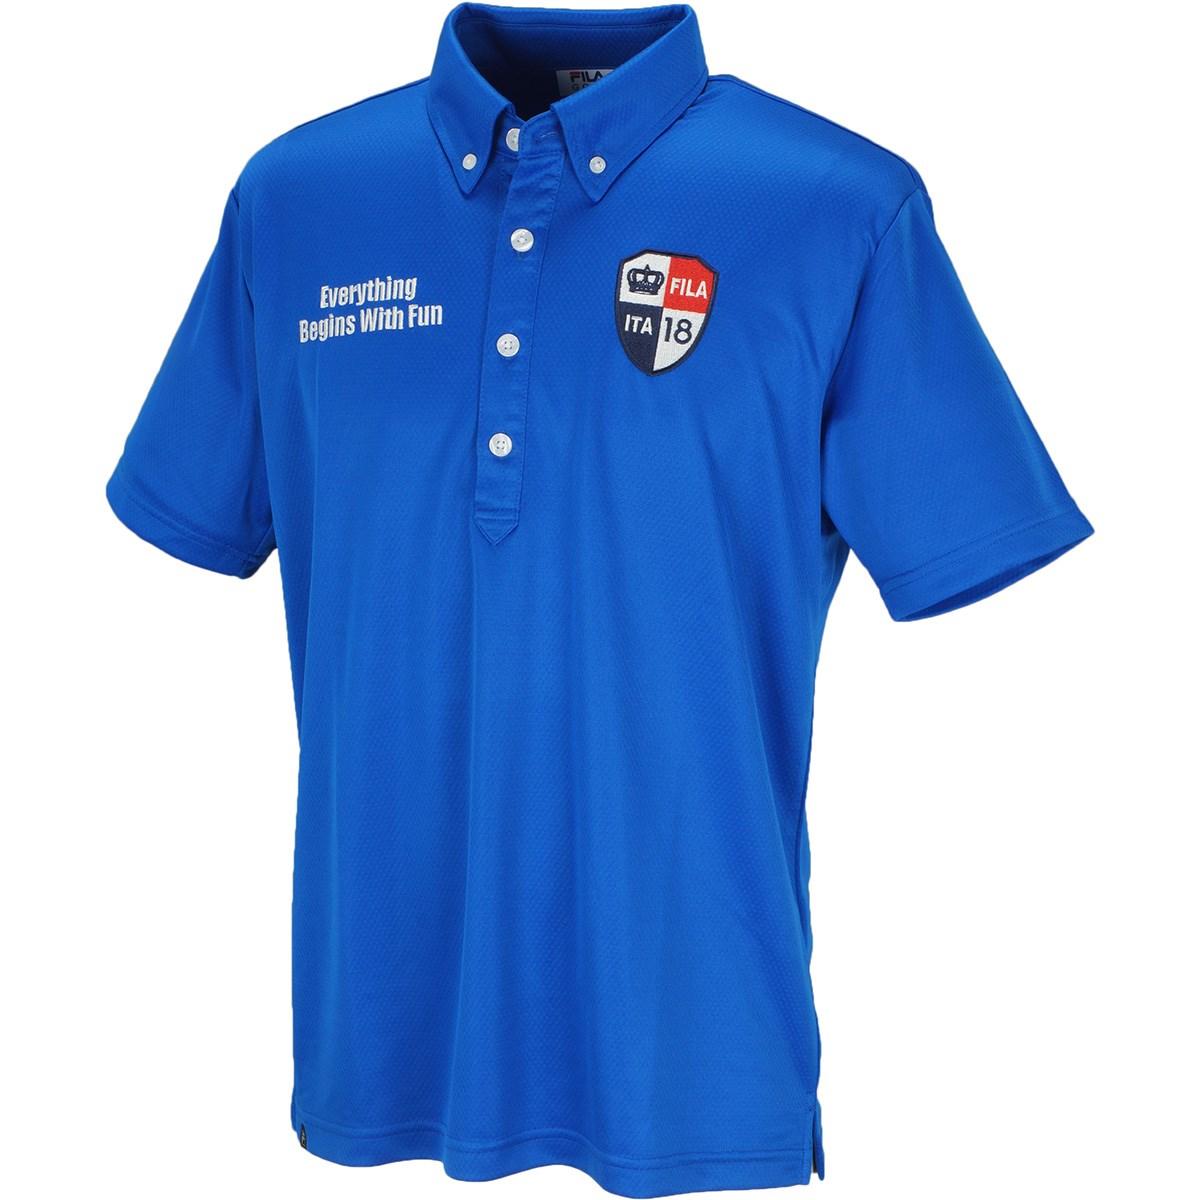 フィラ FILA GDO限定 半袖ポロシャツ M ブルー